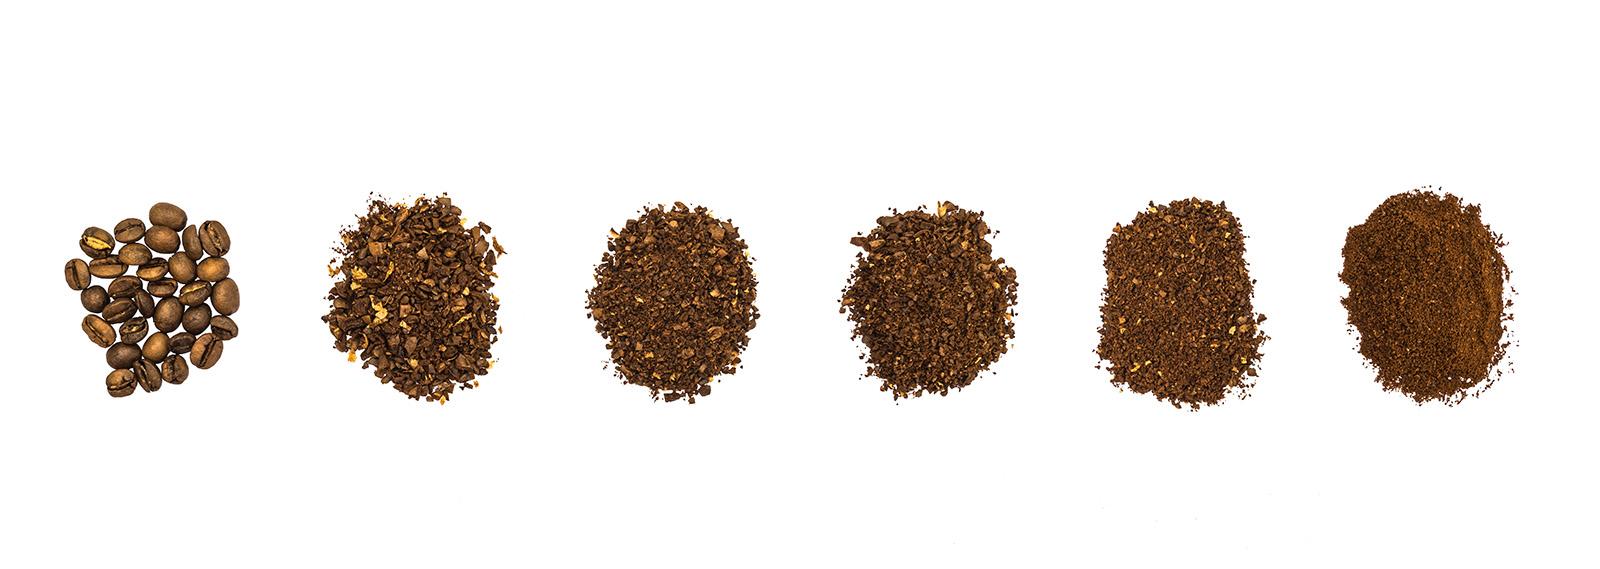 Wie mahlt man Bohnen für die Kaffeezubereitung auf verschiedene Arten